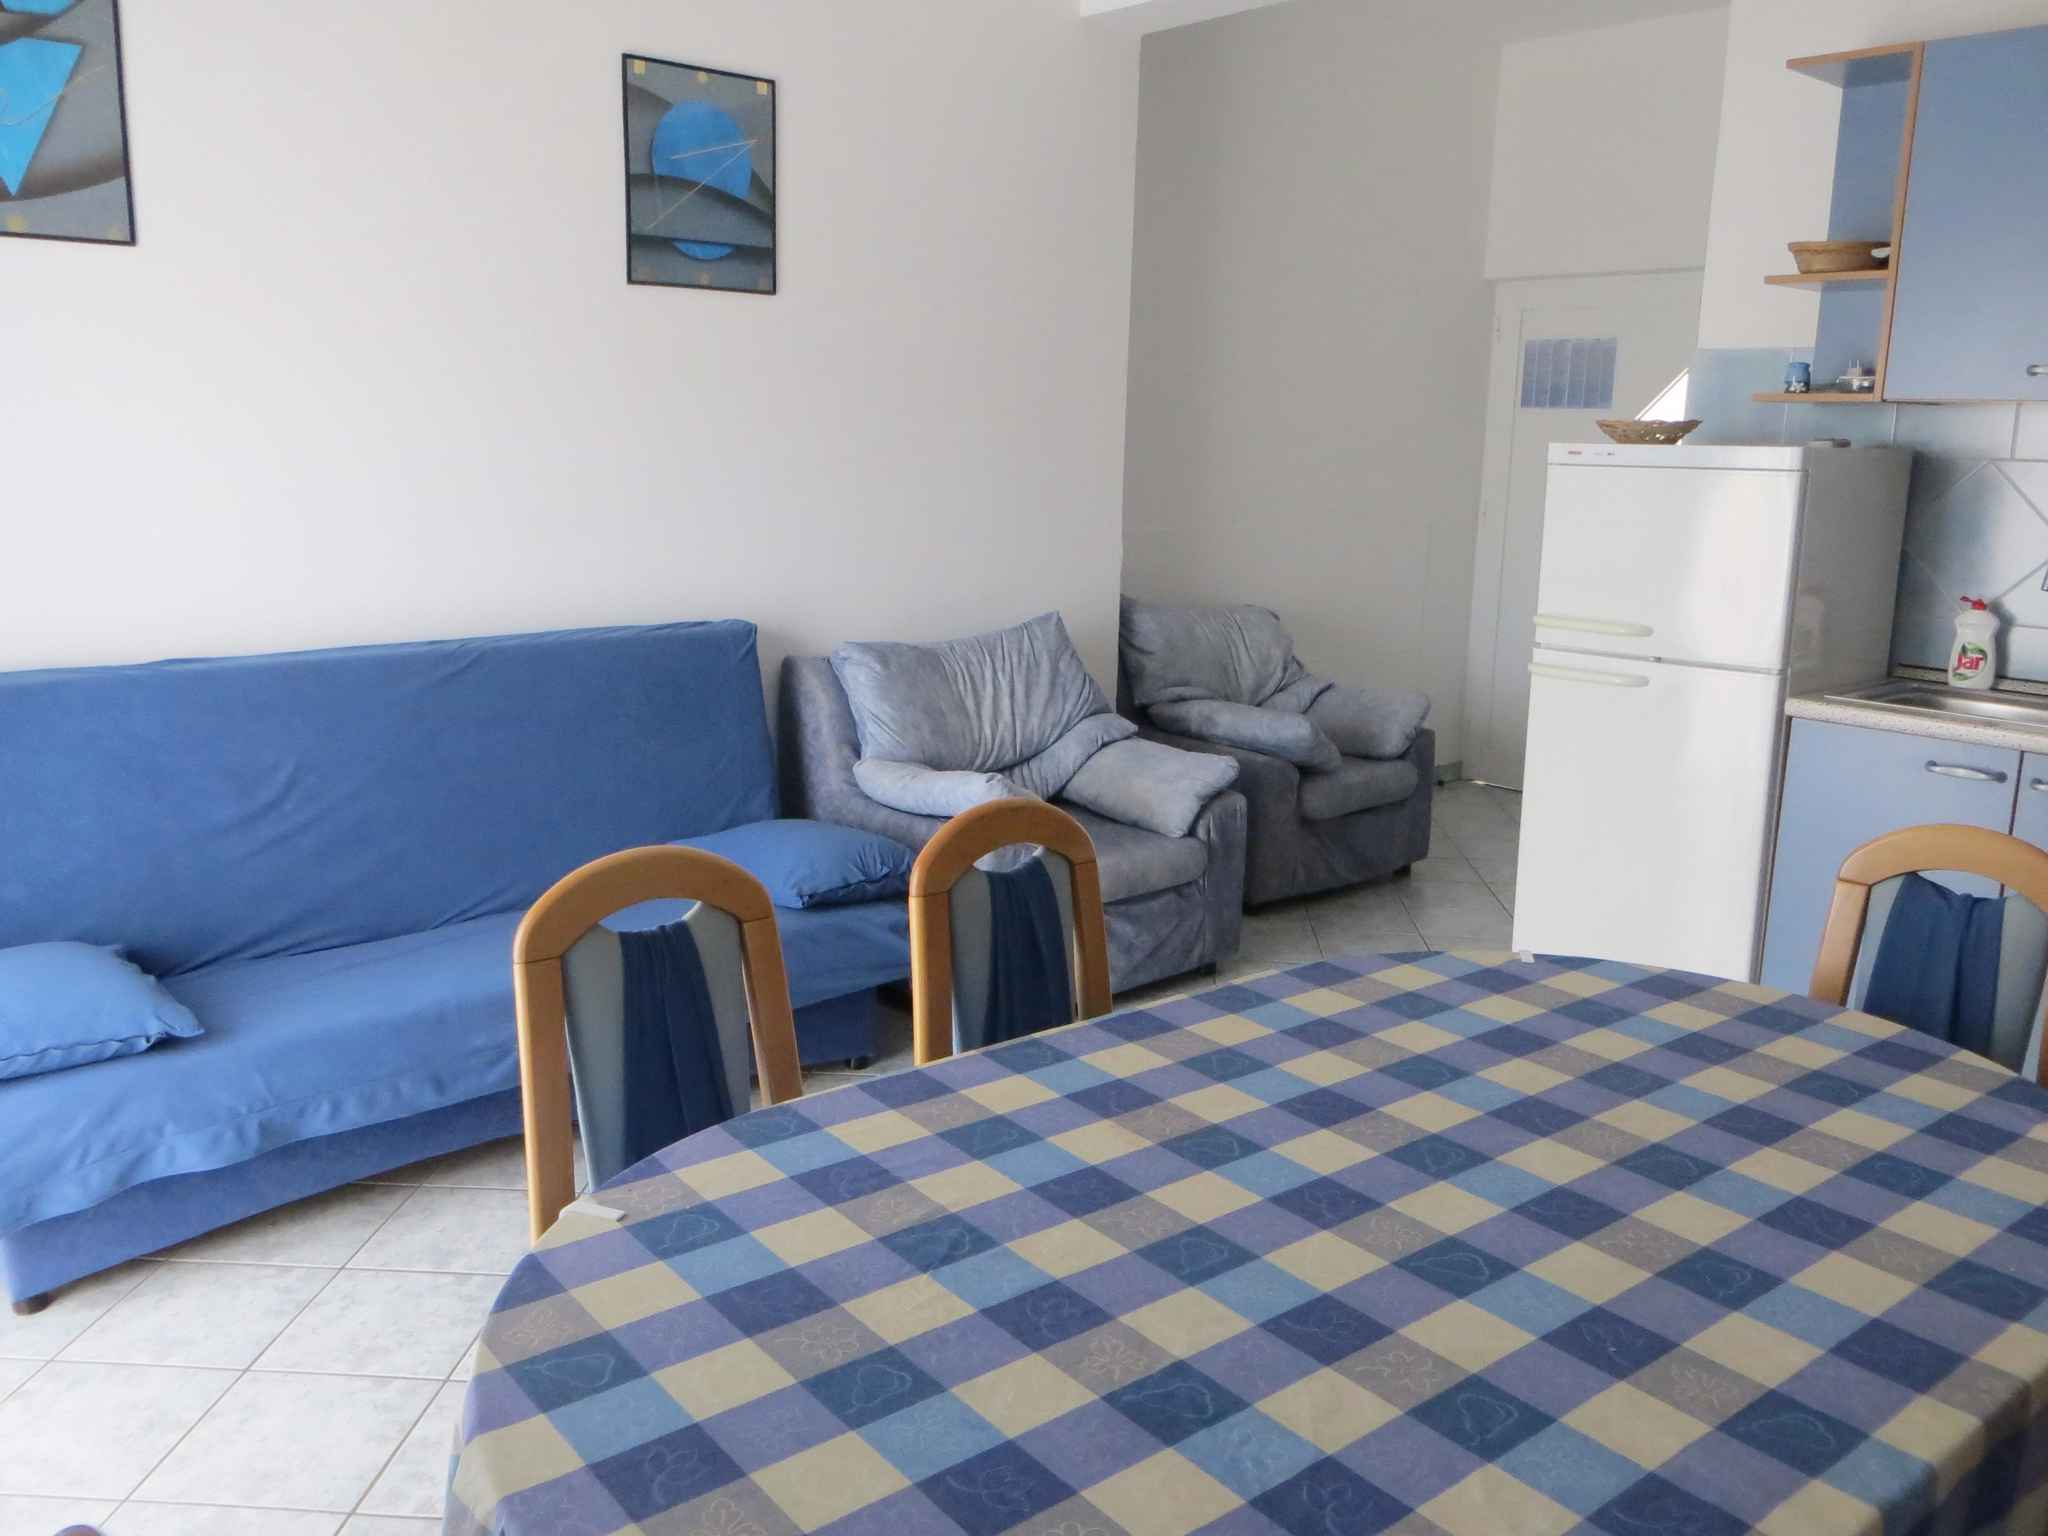 Ferienwohnung mit Klimaanlage nur 300 m zur Adria (287926), Starigrad Paklenica, , Dalmatien, Kroatien, Bild 15